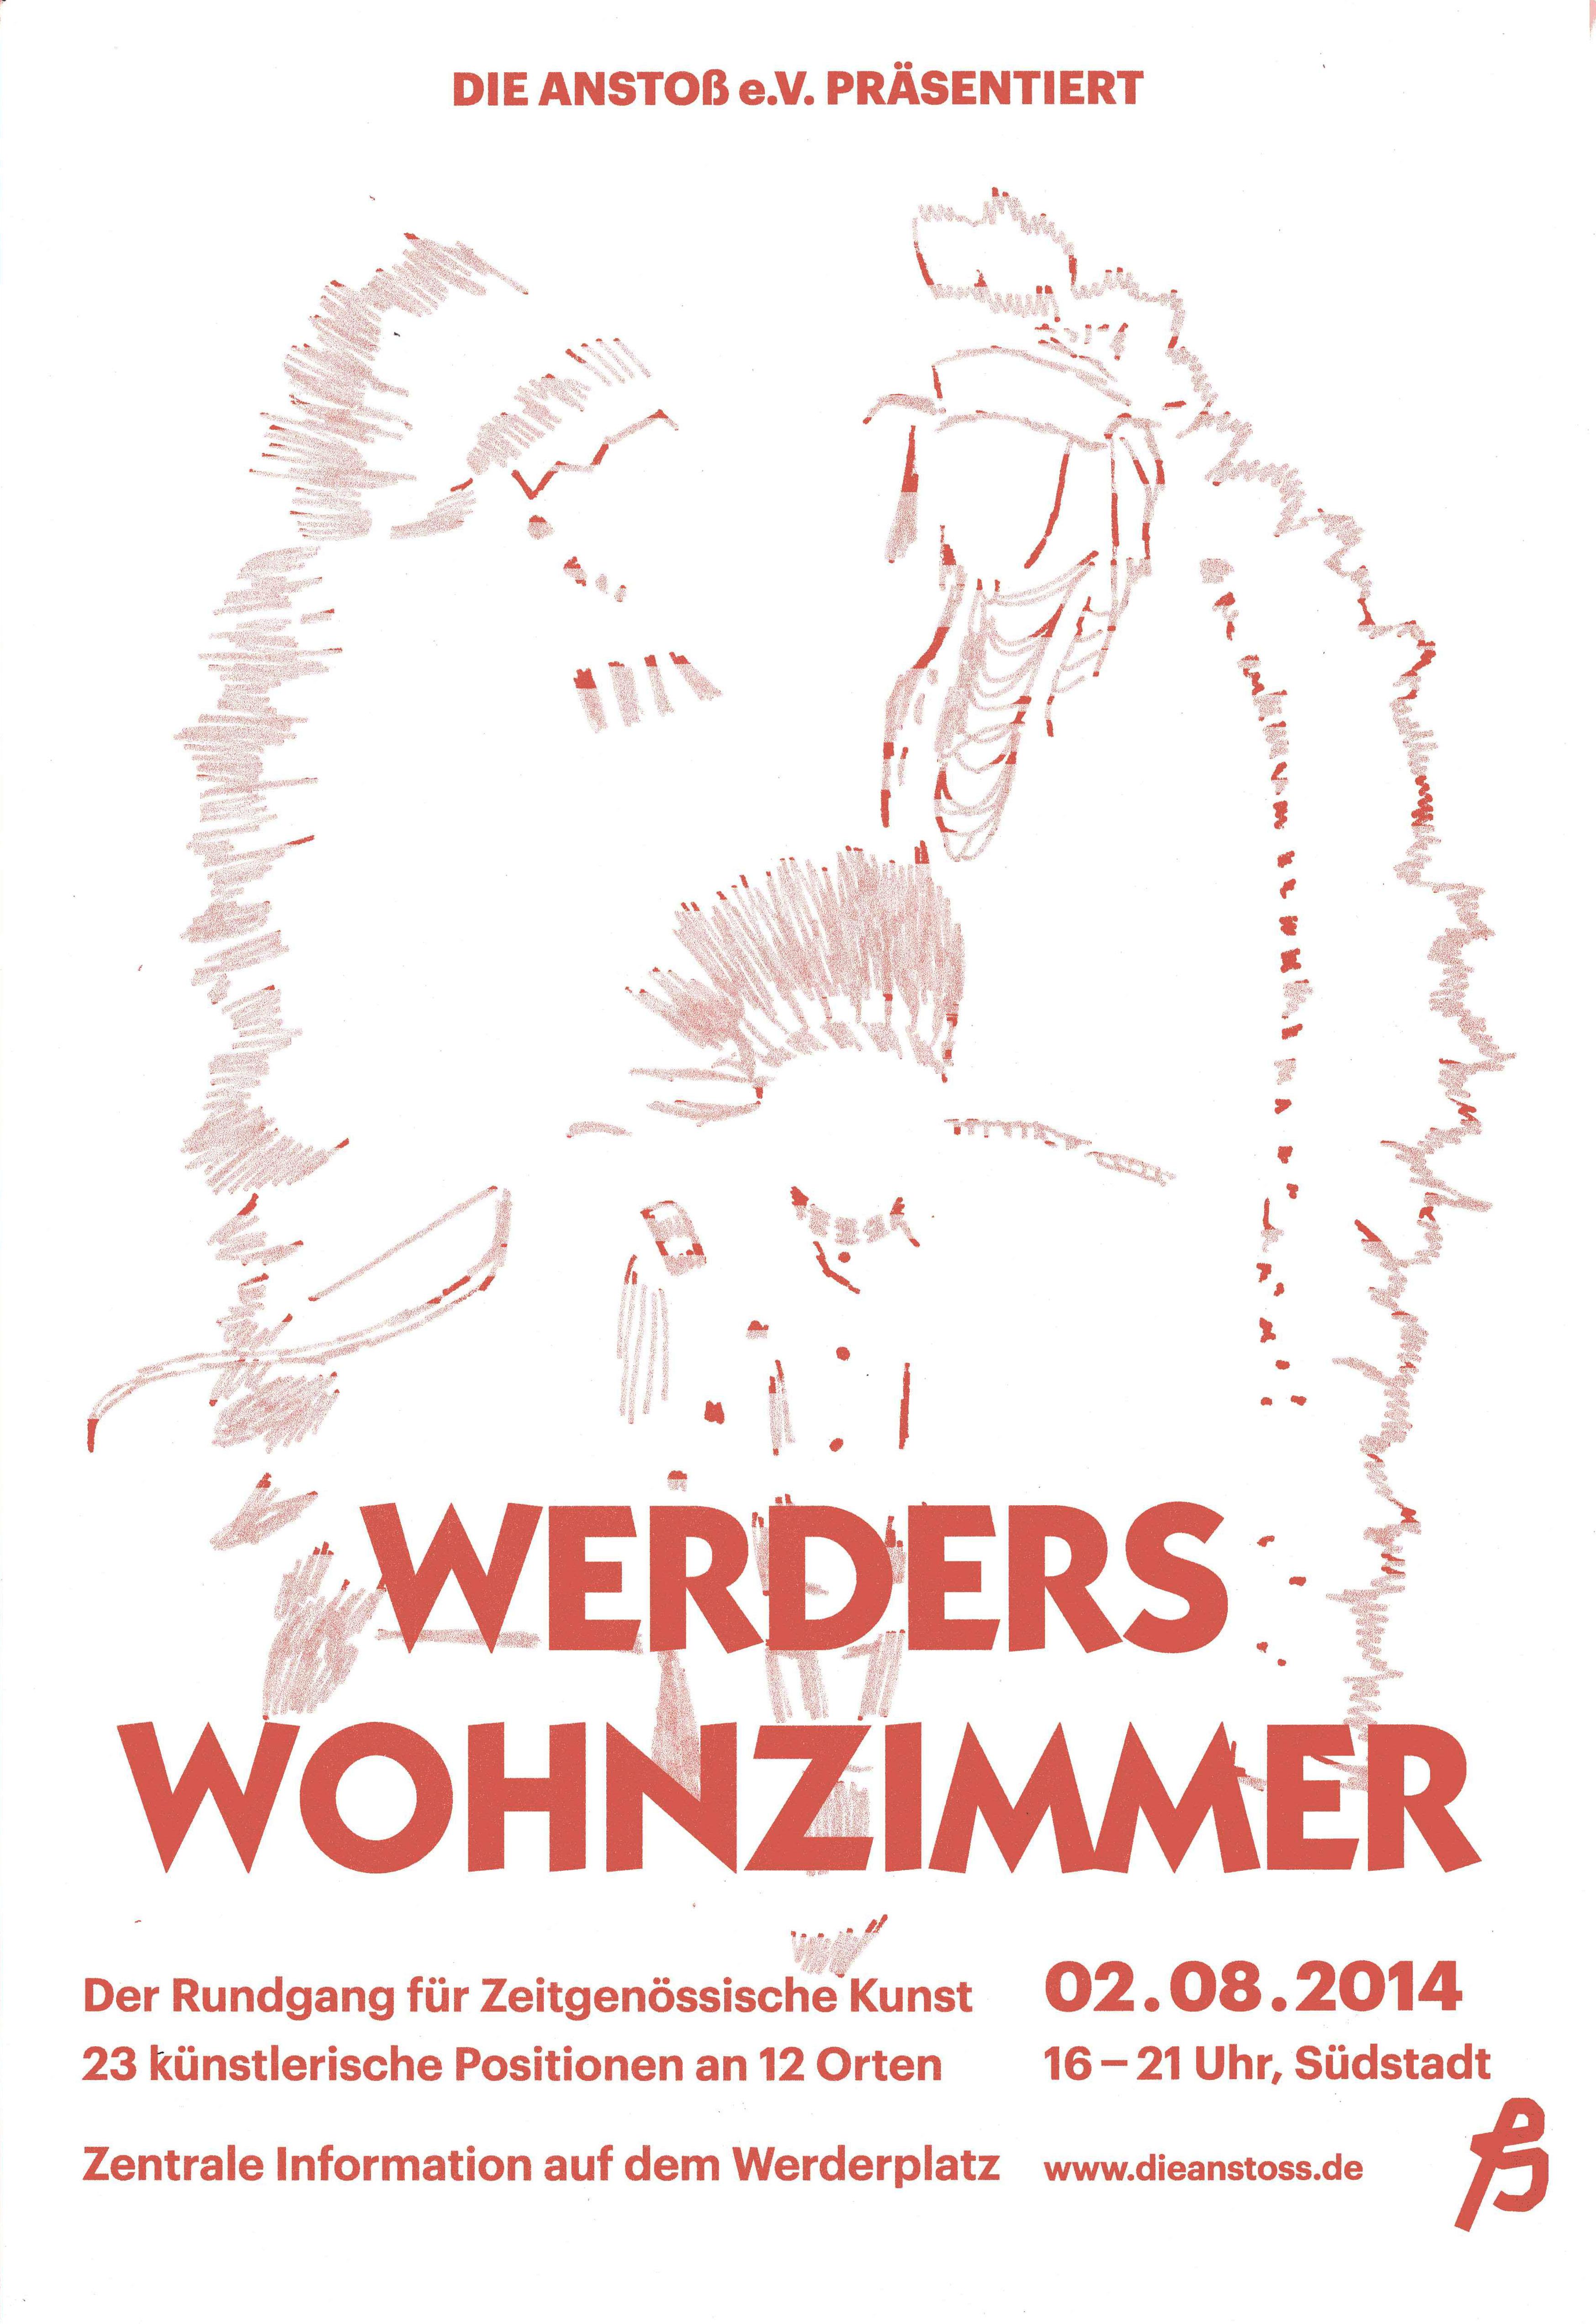 Sdstadt Karlsruhe Werders Wohnzimmer 1 Aug 2014